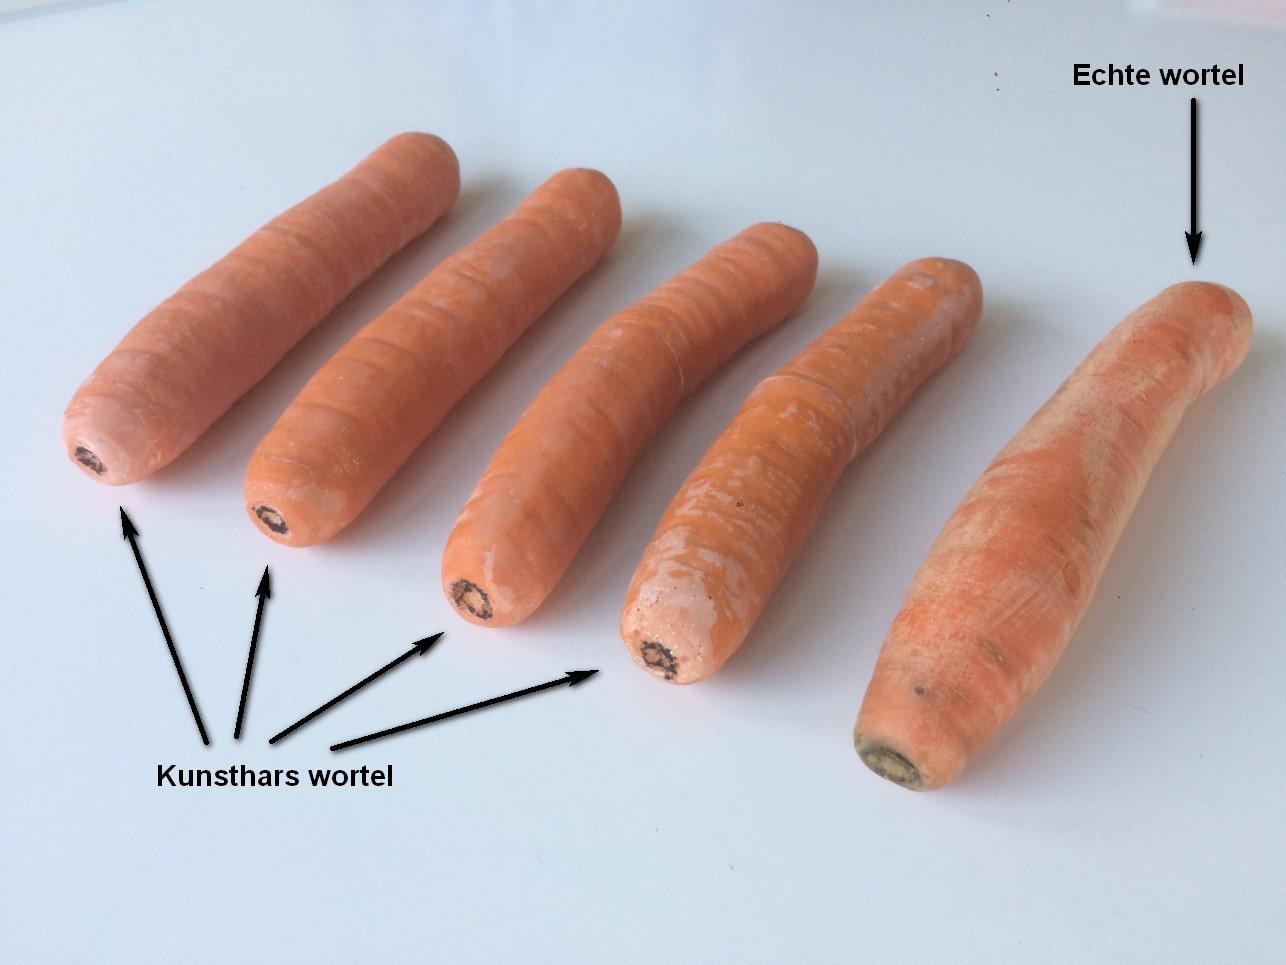 Kunsthars-gegoten-wortel-02